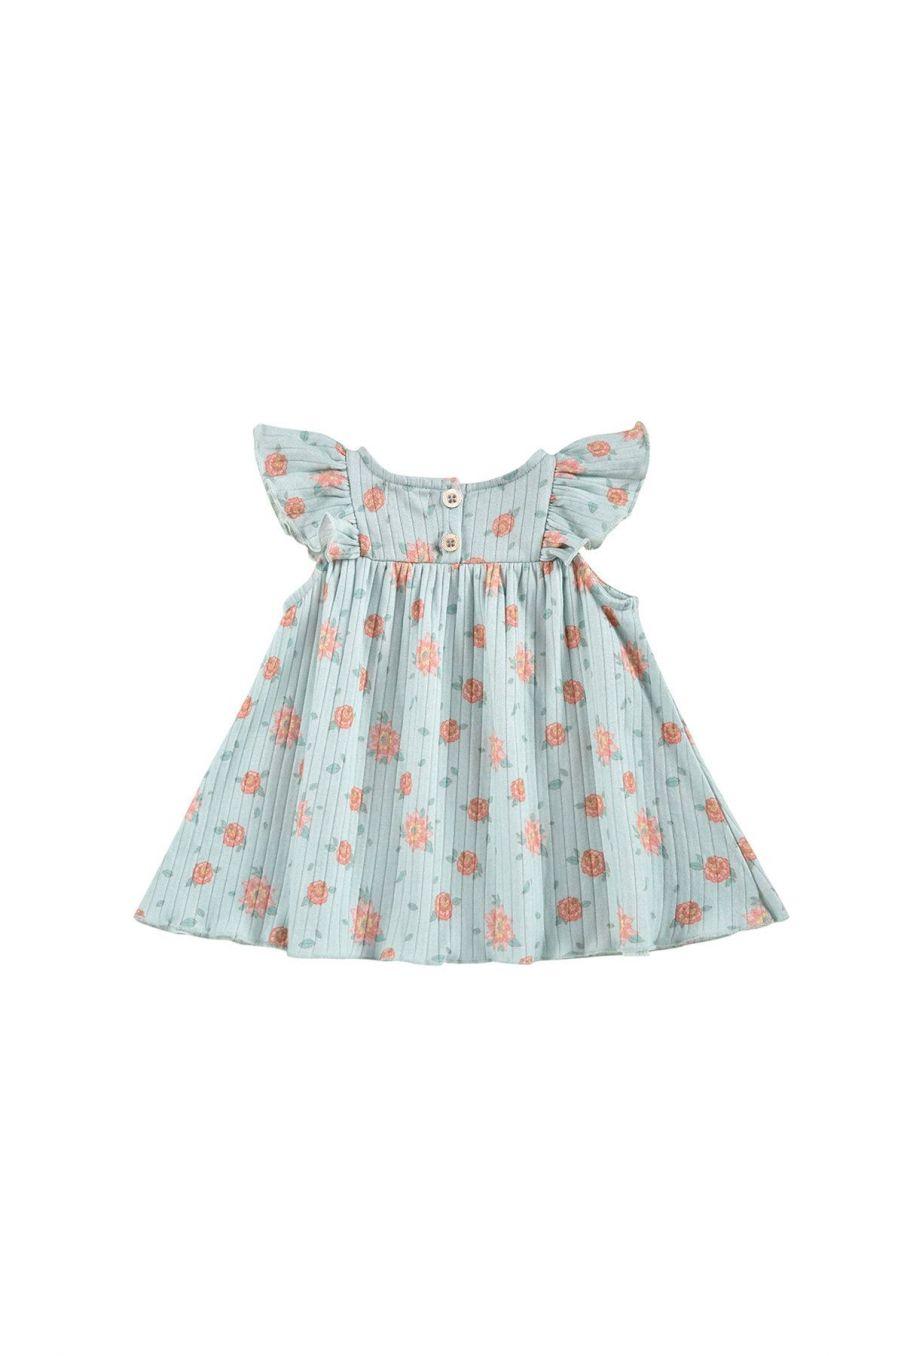 boheme chic vintage robe bébé fille amita vintage blue flowers